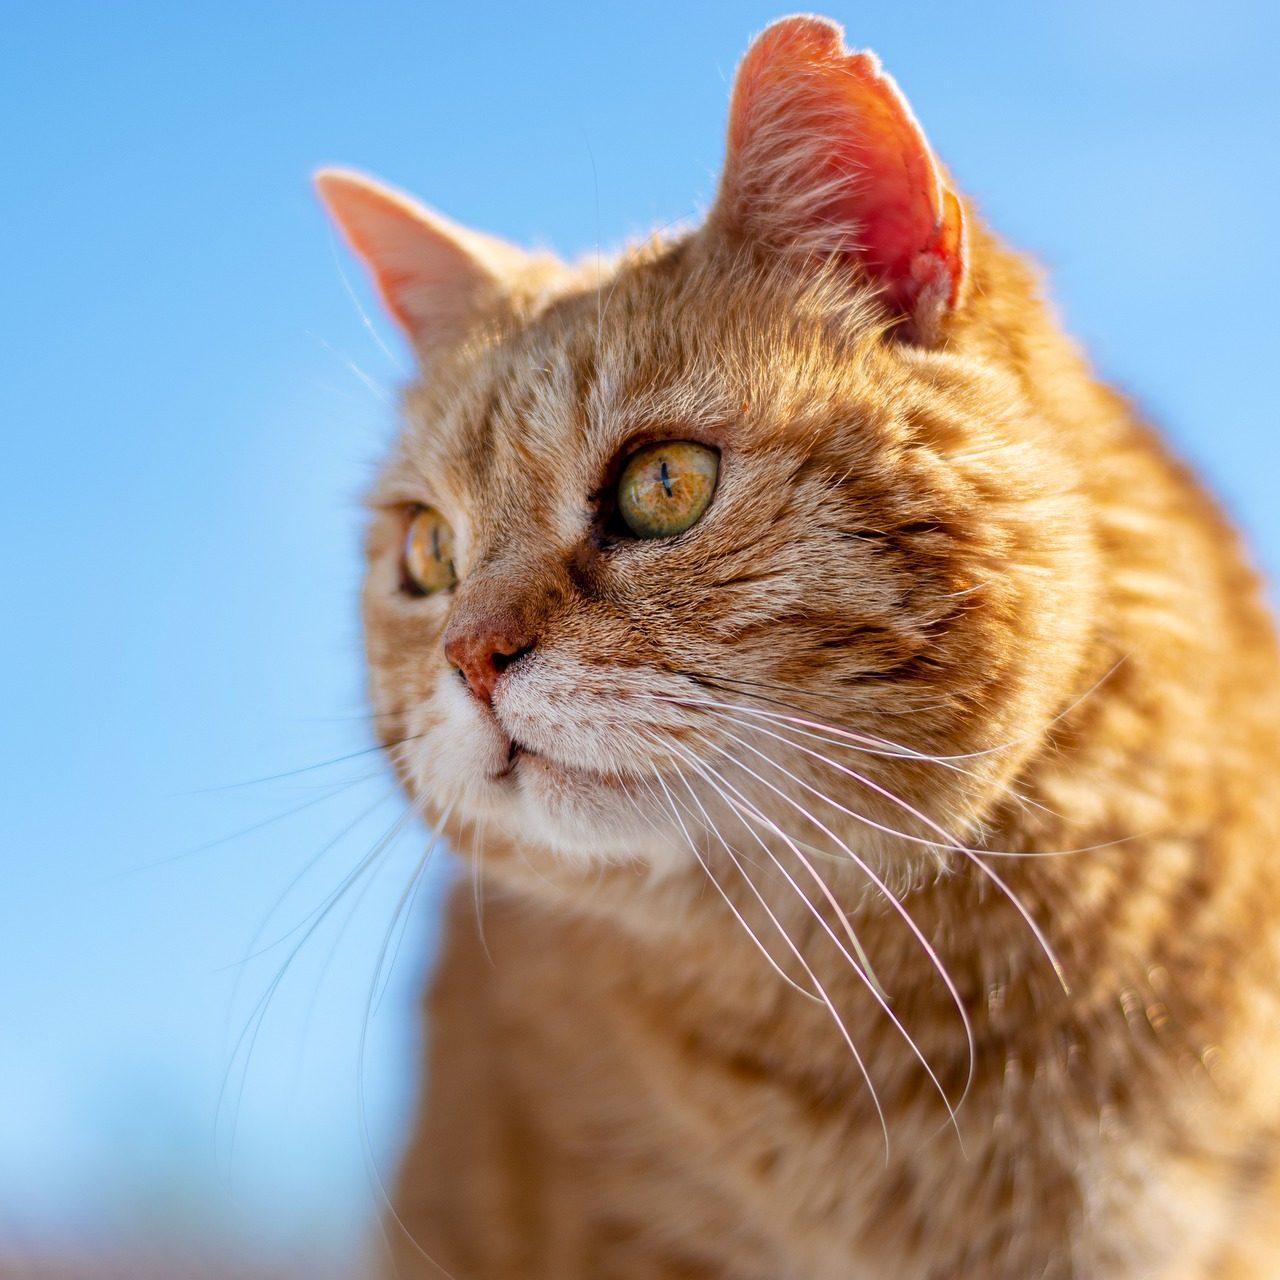 cat-5183427_1920